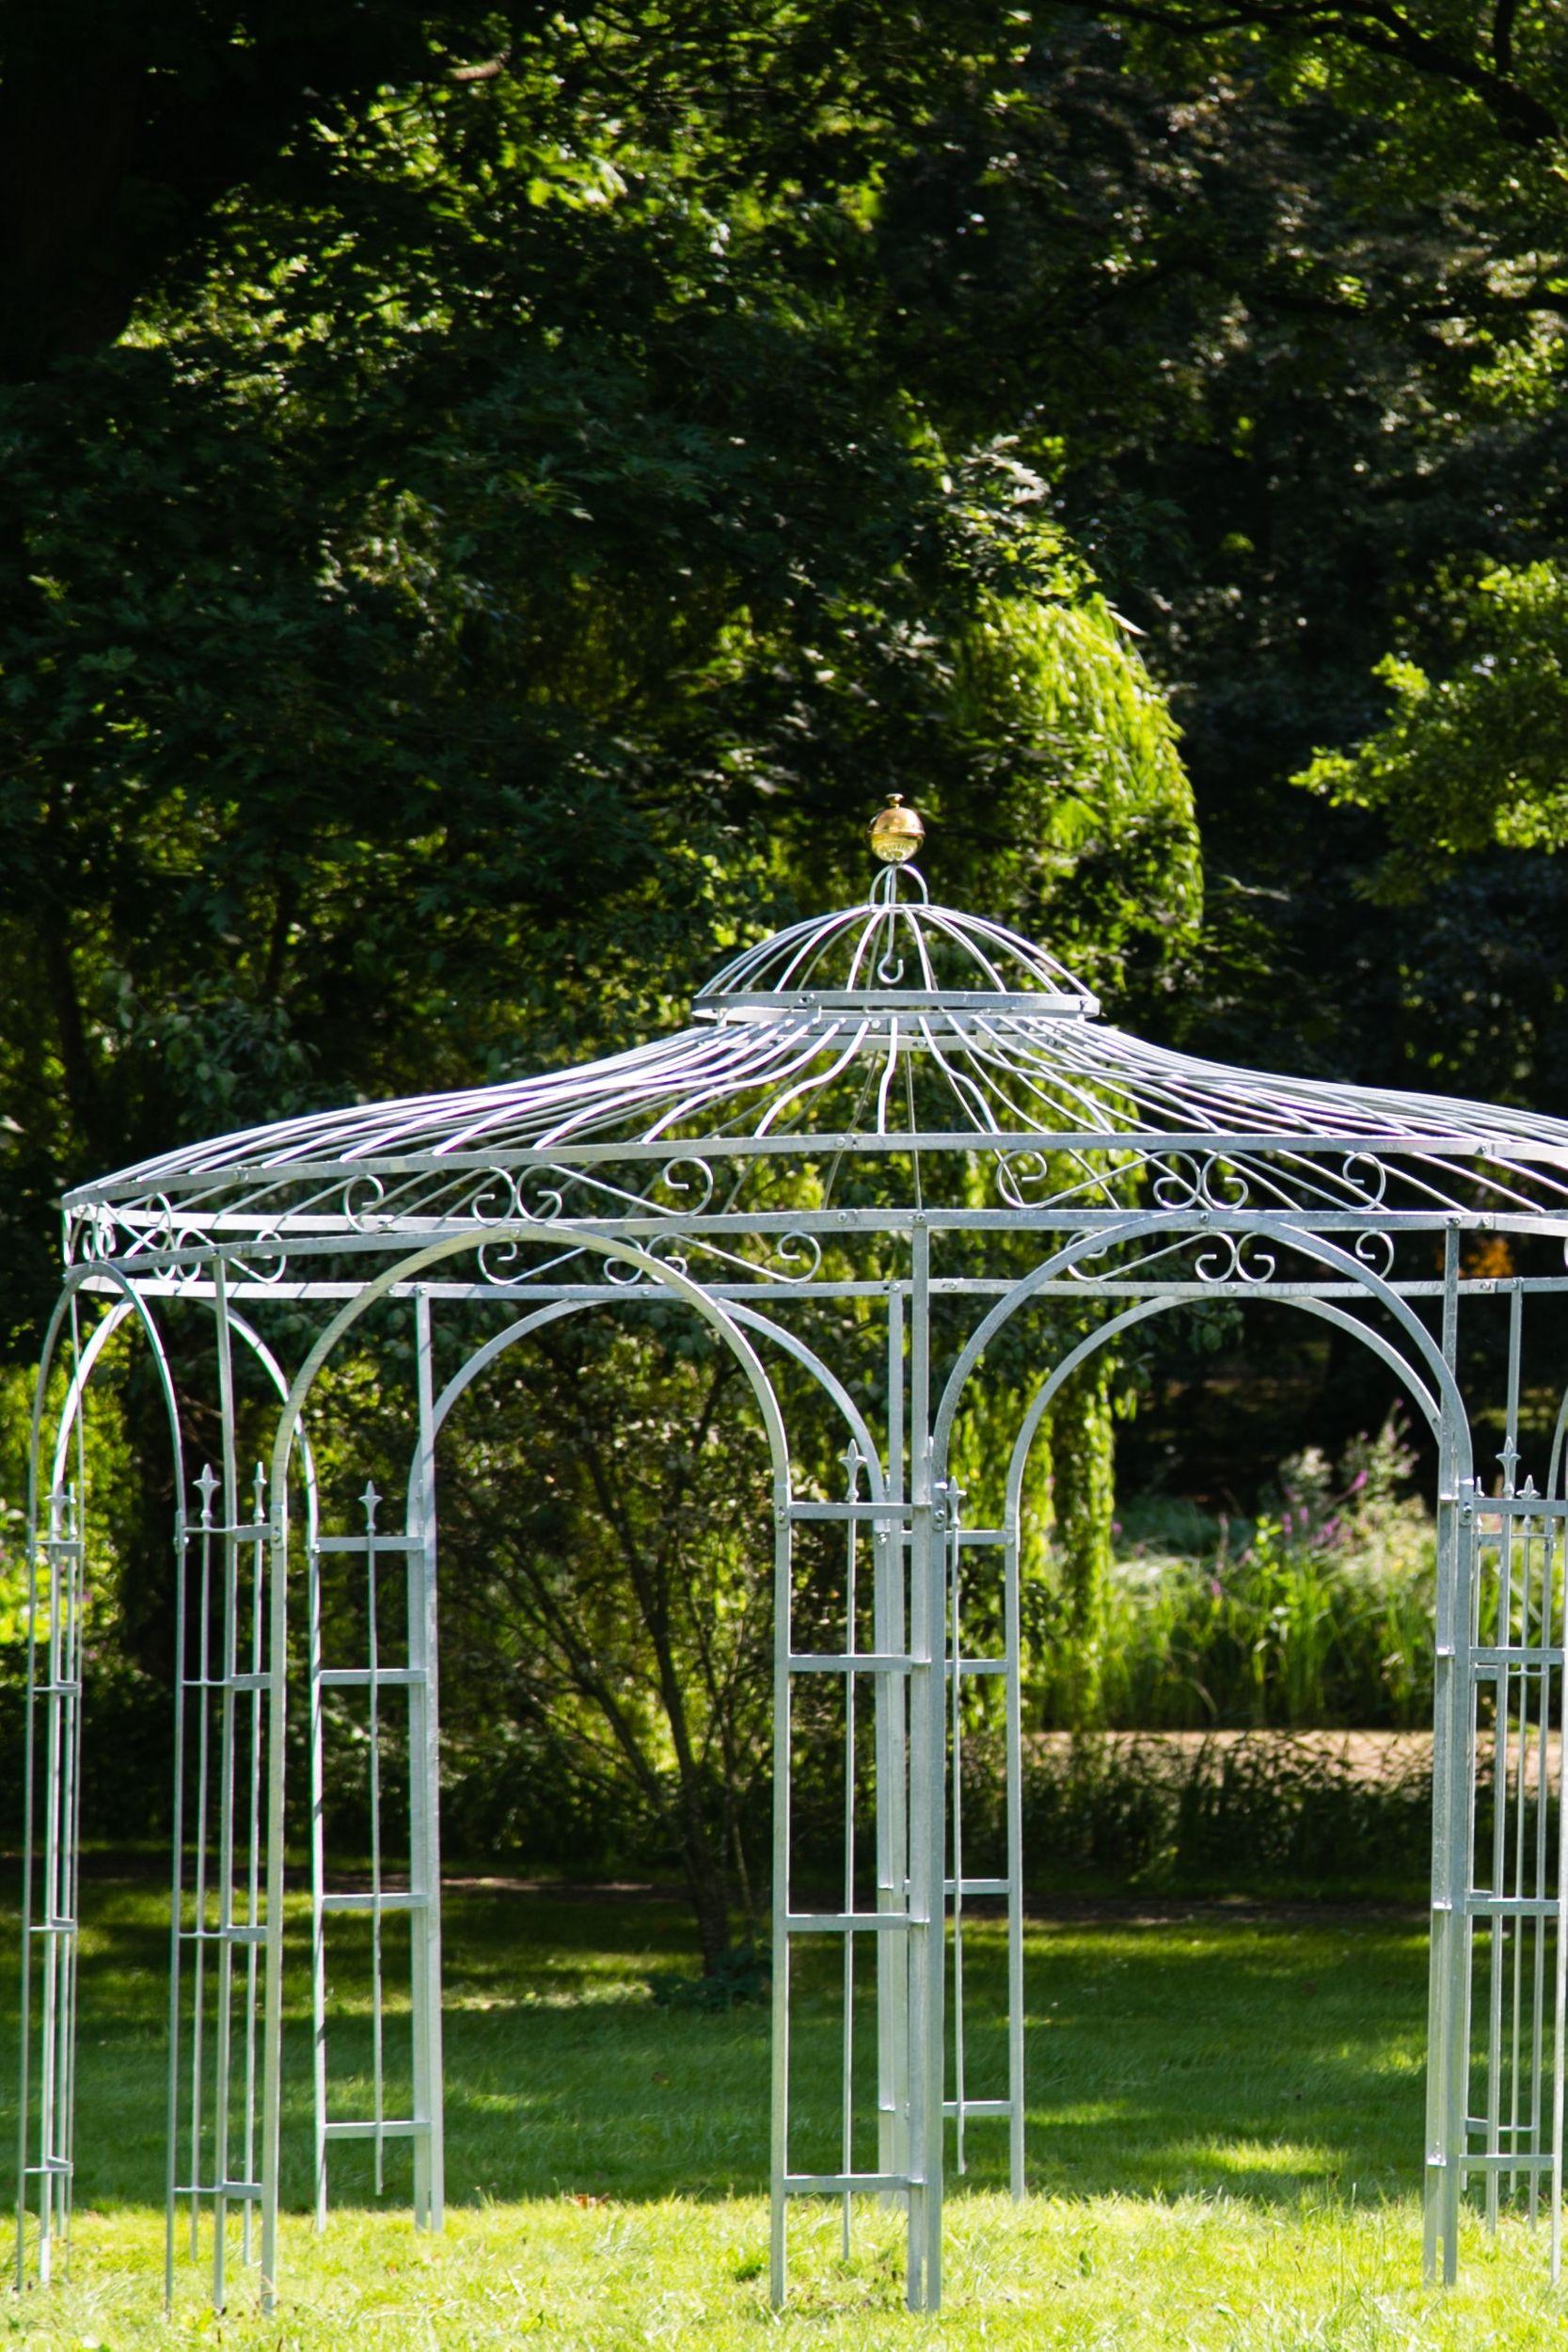 Full Size of Gartenpavillon Metall Verzinkt 350cm Eleganz Regal Regale Bett Weiß Wohnzimmer Gartenpavillon Metall